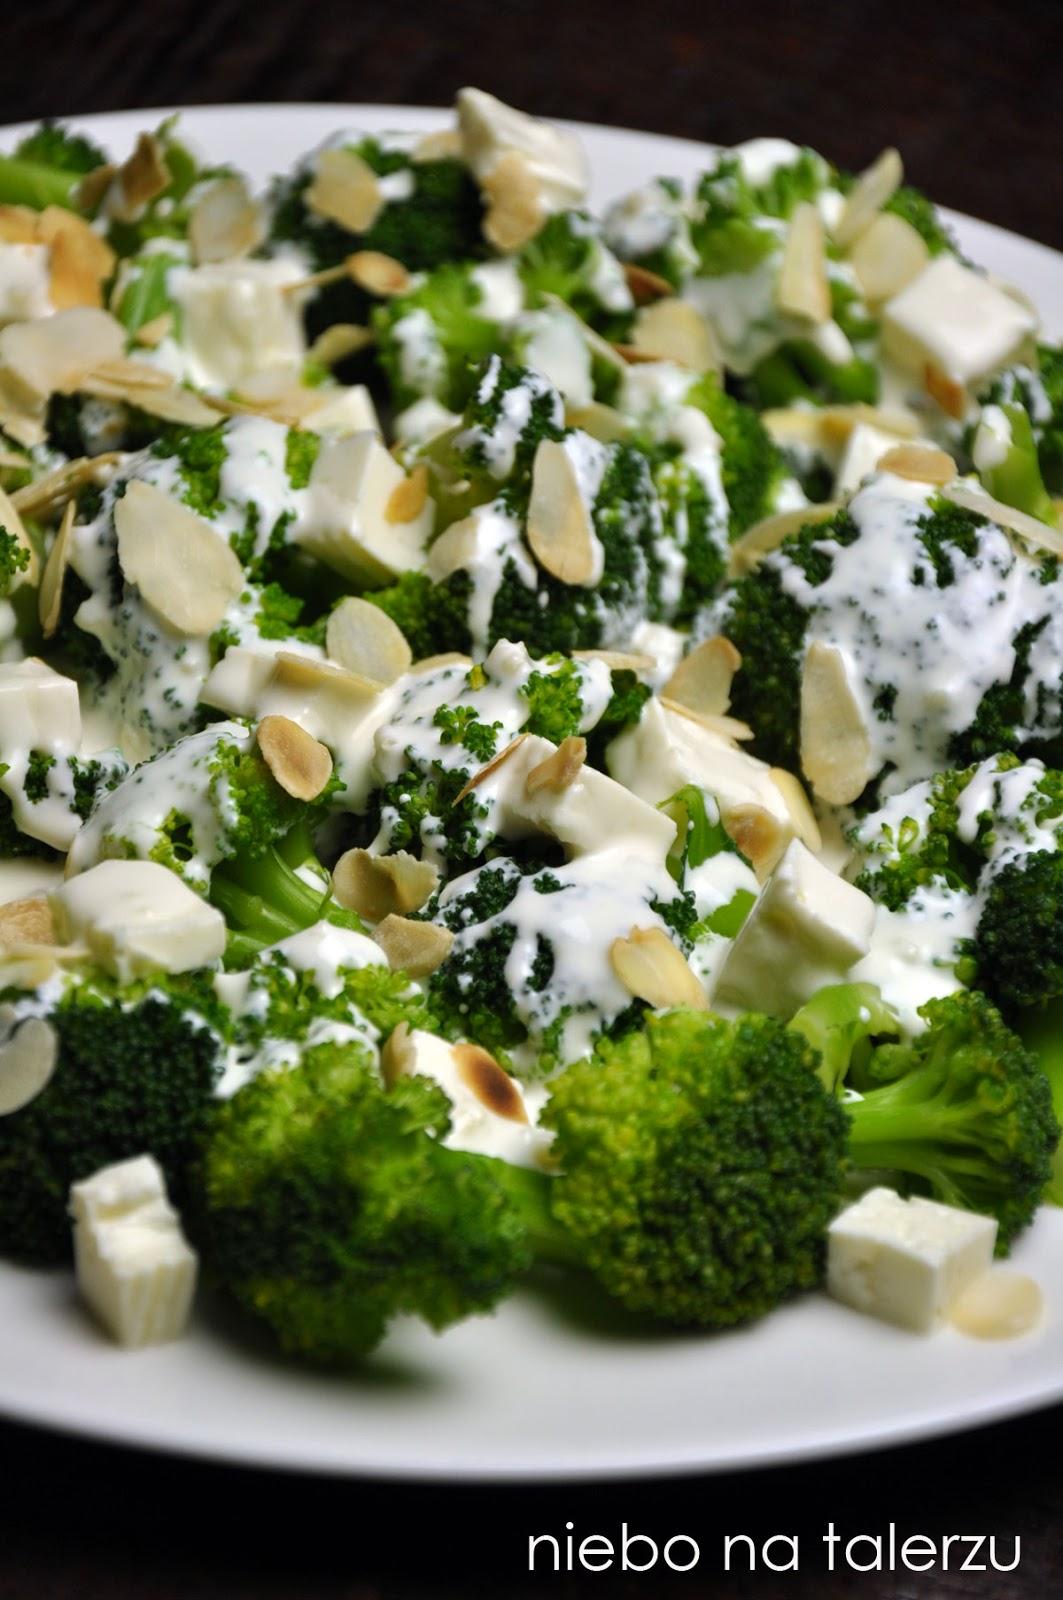 Salatka Z Brokulami I Serem Feta Niebo Na Talerzu